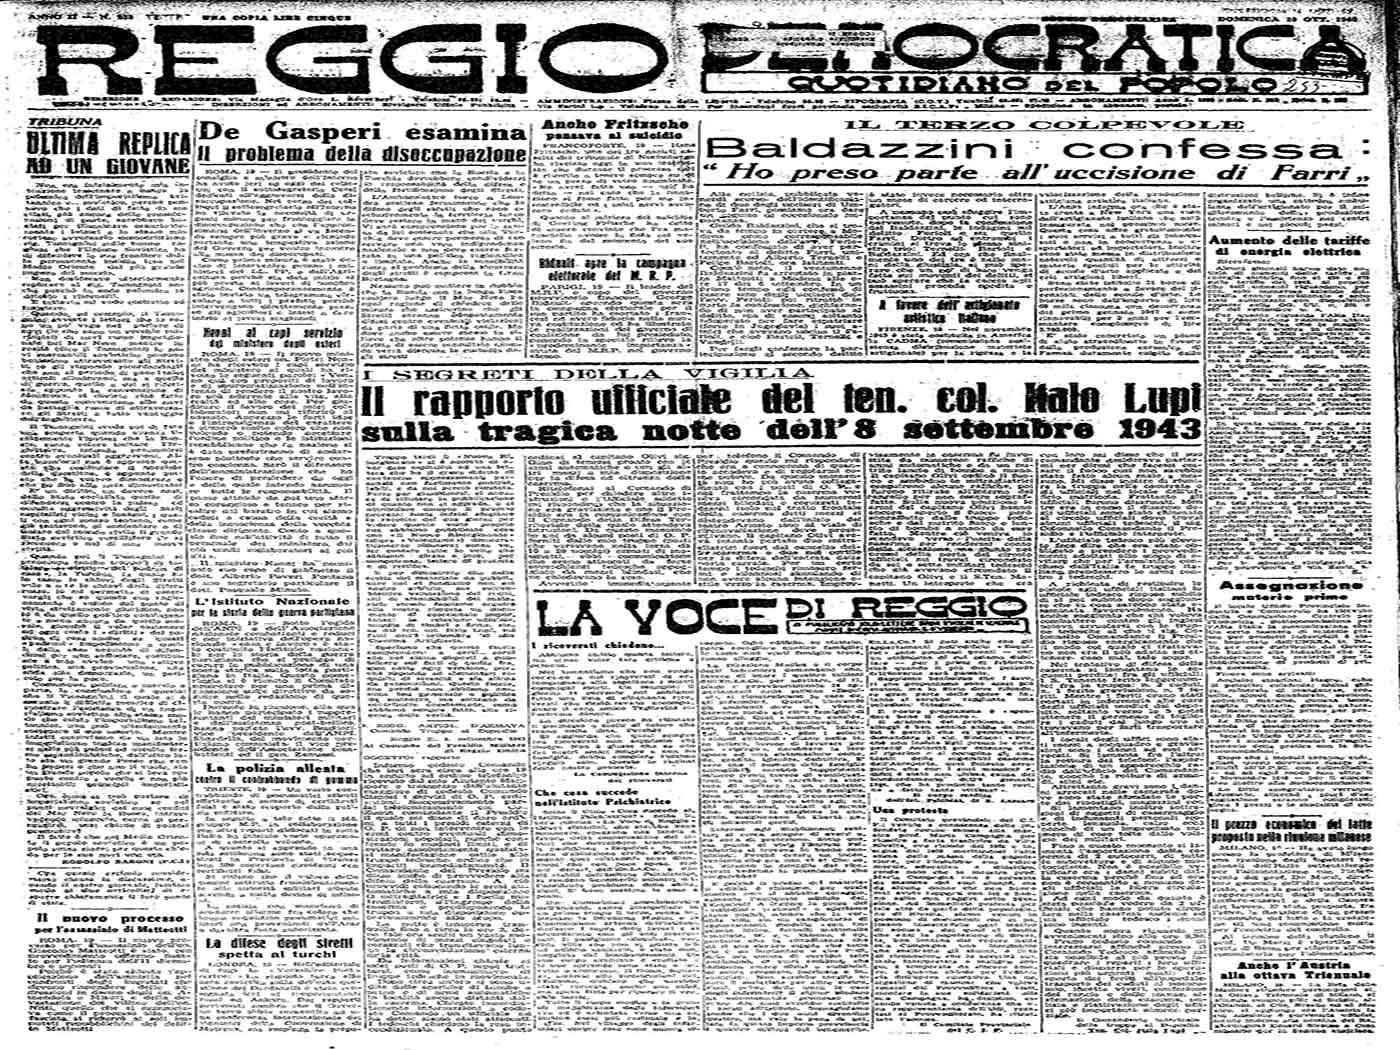 Reggio Democratica - RAPPORTO DEL TENENTE COLONNELLO ITALO LUPI SULLA NOTTE FRA L'8 E IL 9 SETTEMBRE 1943,